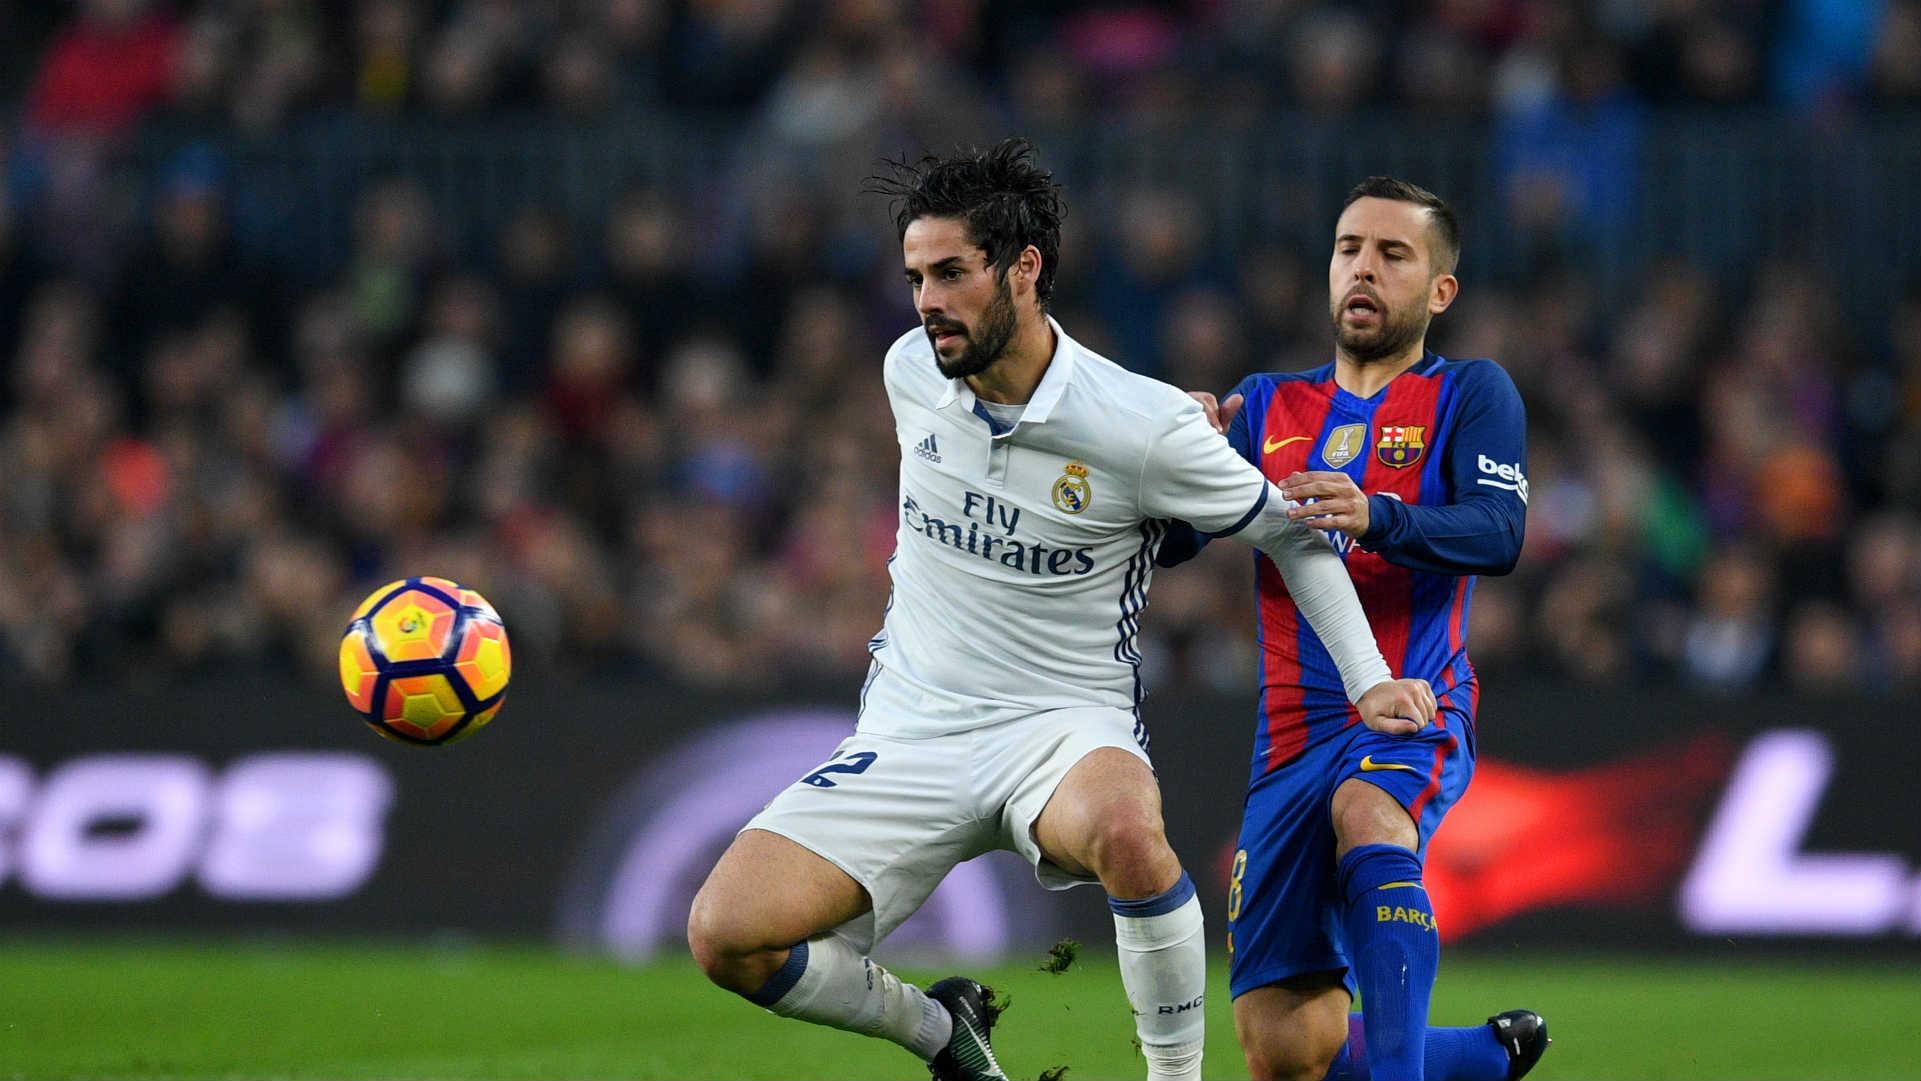 La date et l'heure du Clasico Real-Barça sont fixées — Officiel